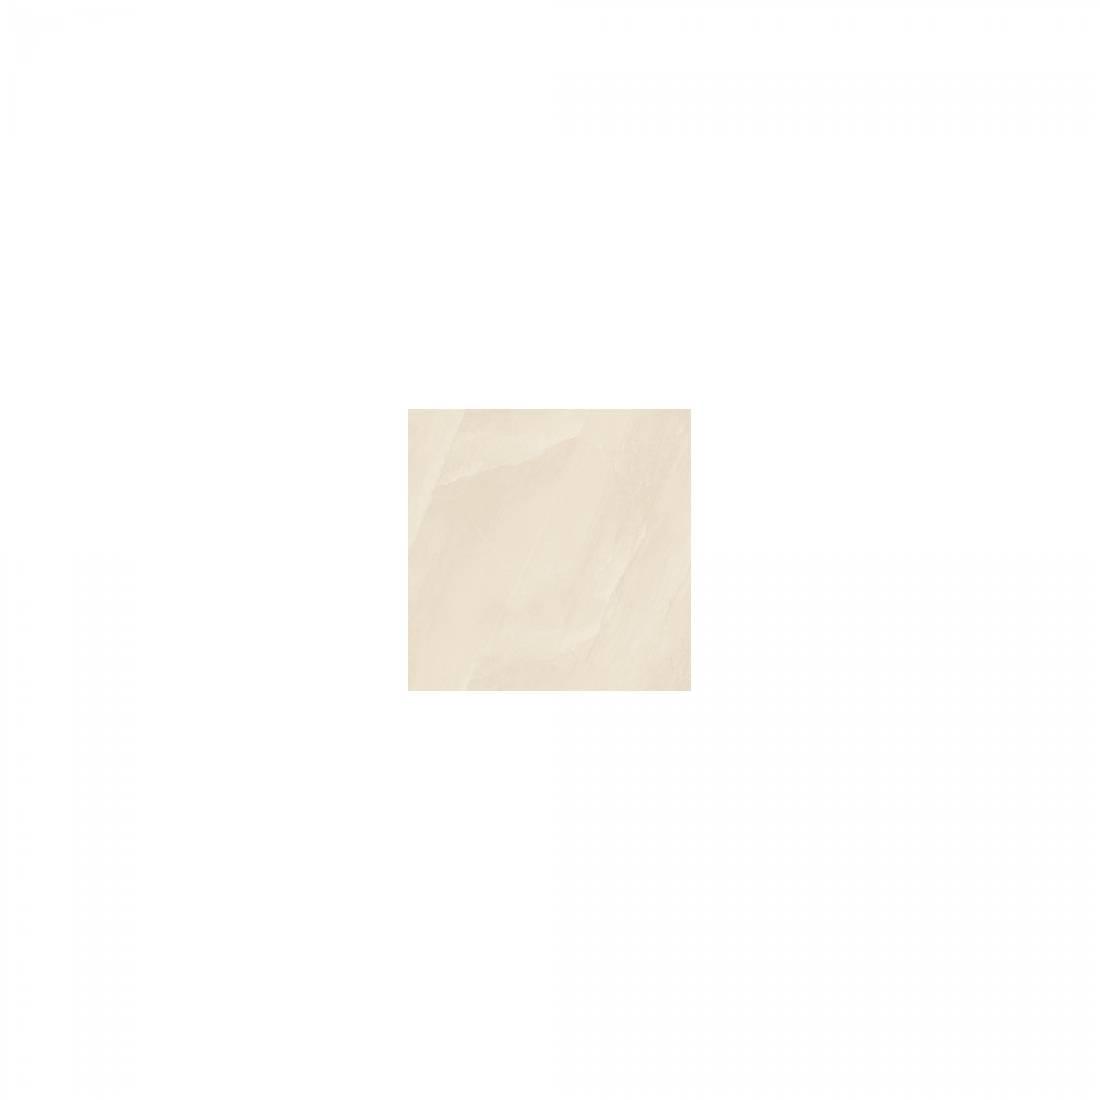 Provenza 60x60 Ivory Polished 1